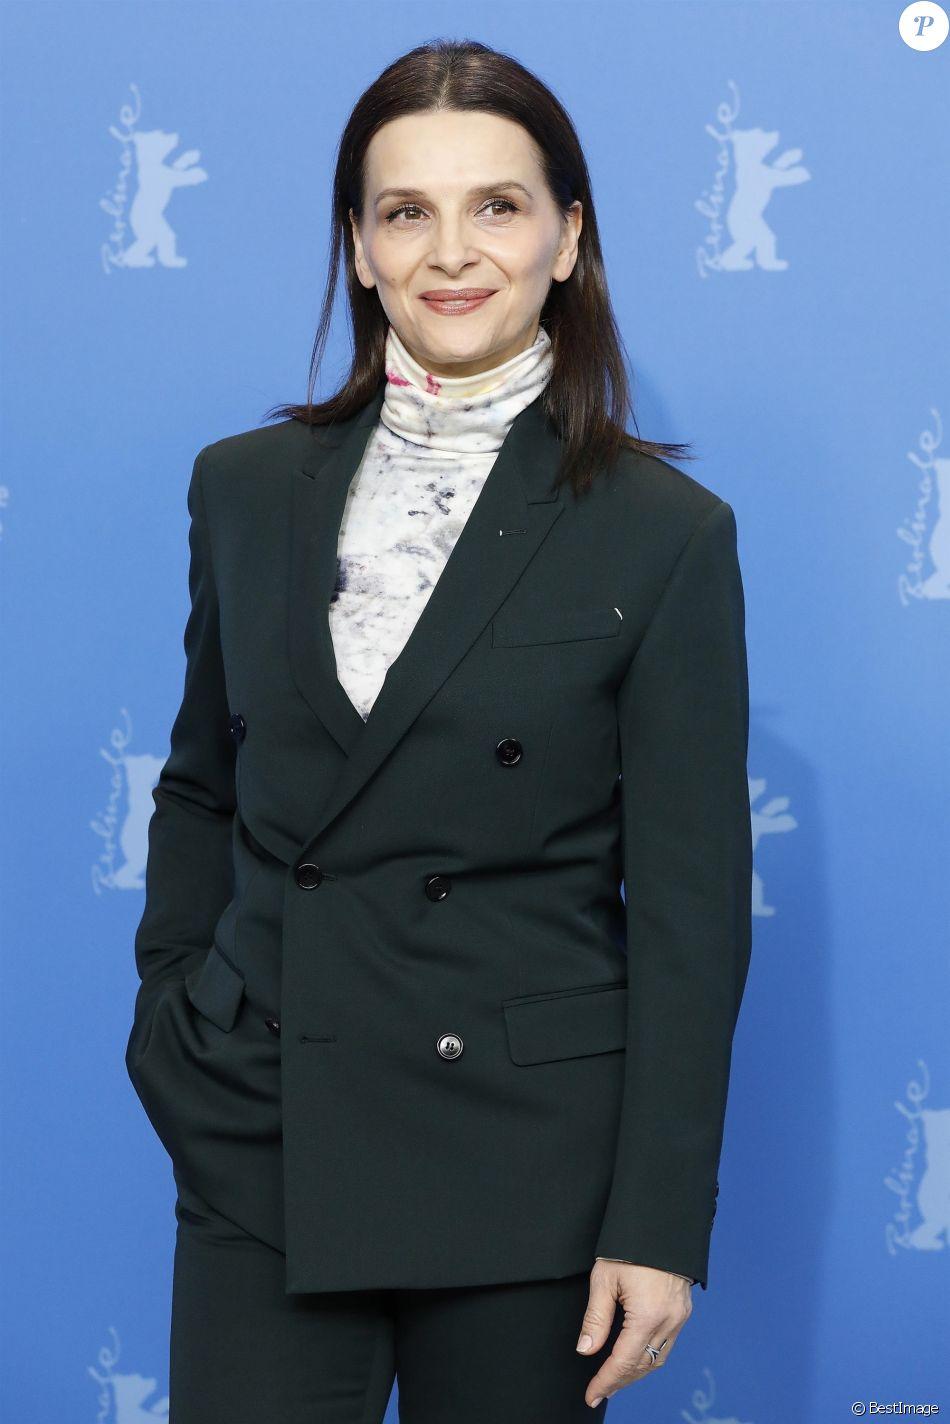 Photocall avec Juliette Binoche , présidente du jury de la compétition long-métrage du 69ème festival du film de Berlin (Berlinale 2019) à l'hôtel Grand Hyatt à Berlin le 7 février 2019.